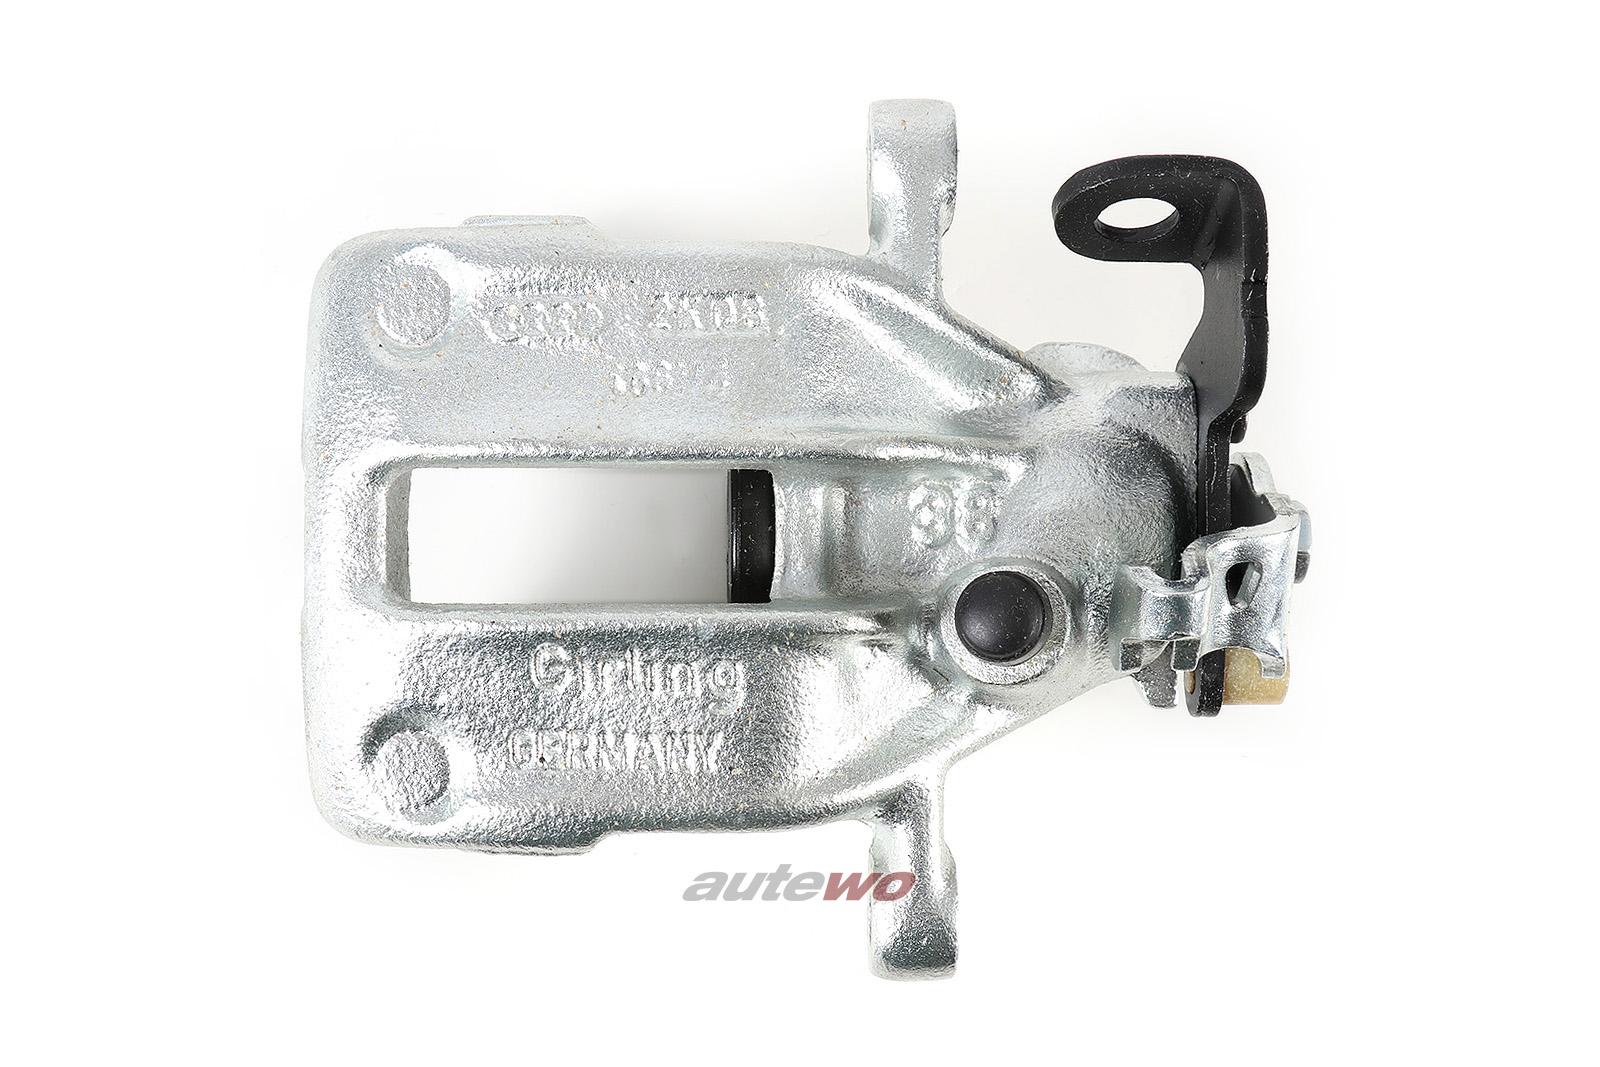 #8A0615424 X Audi 80 B4 Austausch-Bremssattel Hinten Rechts